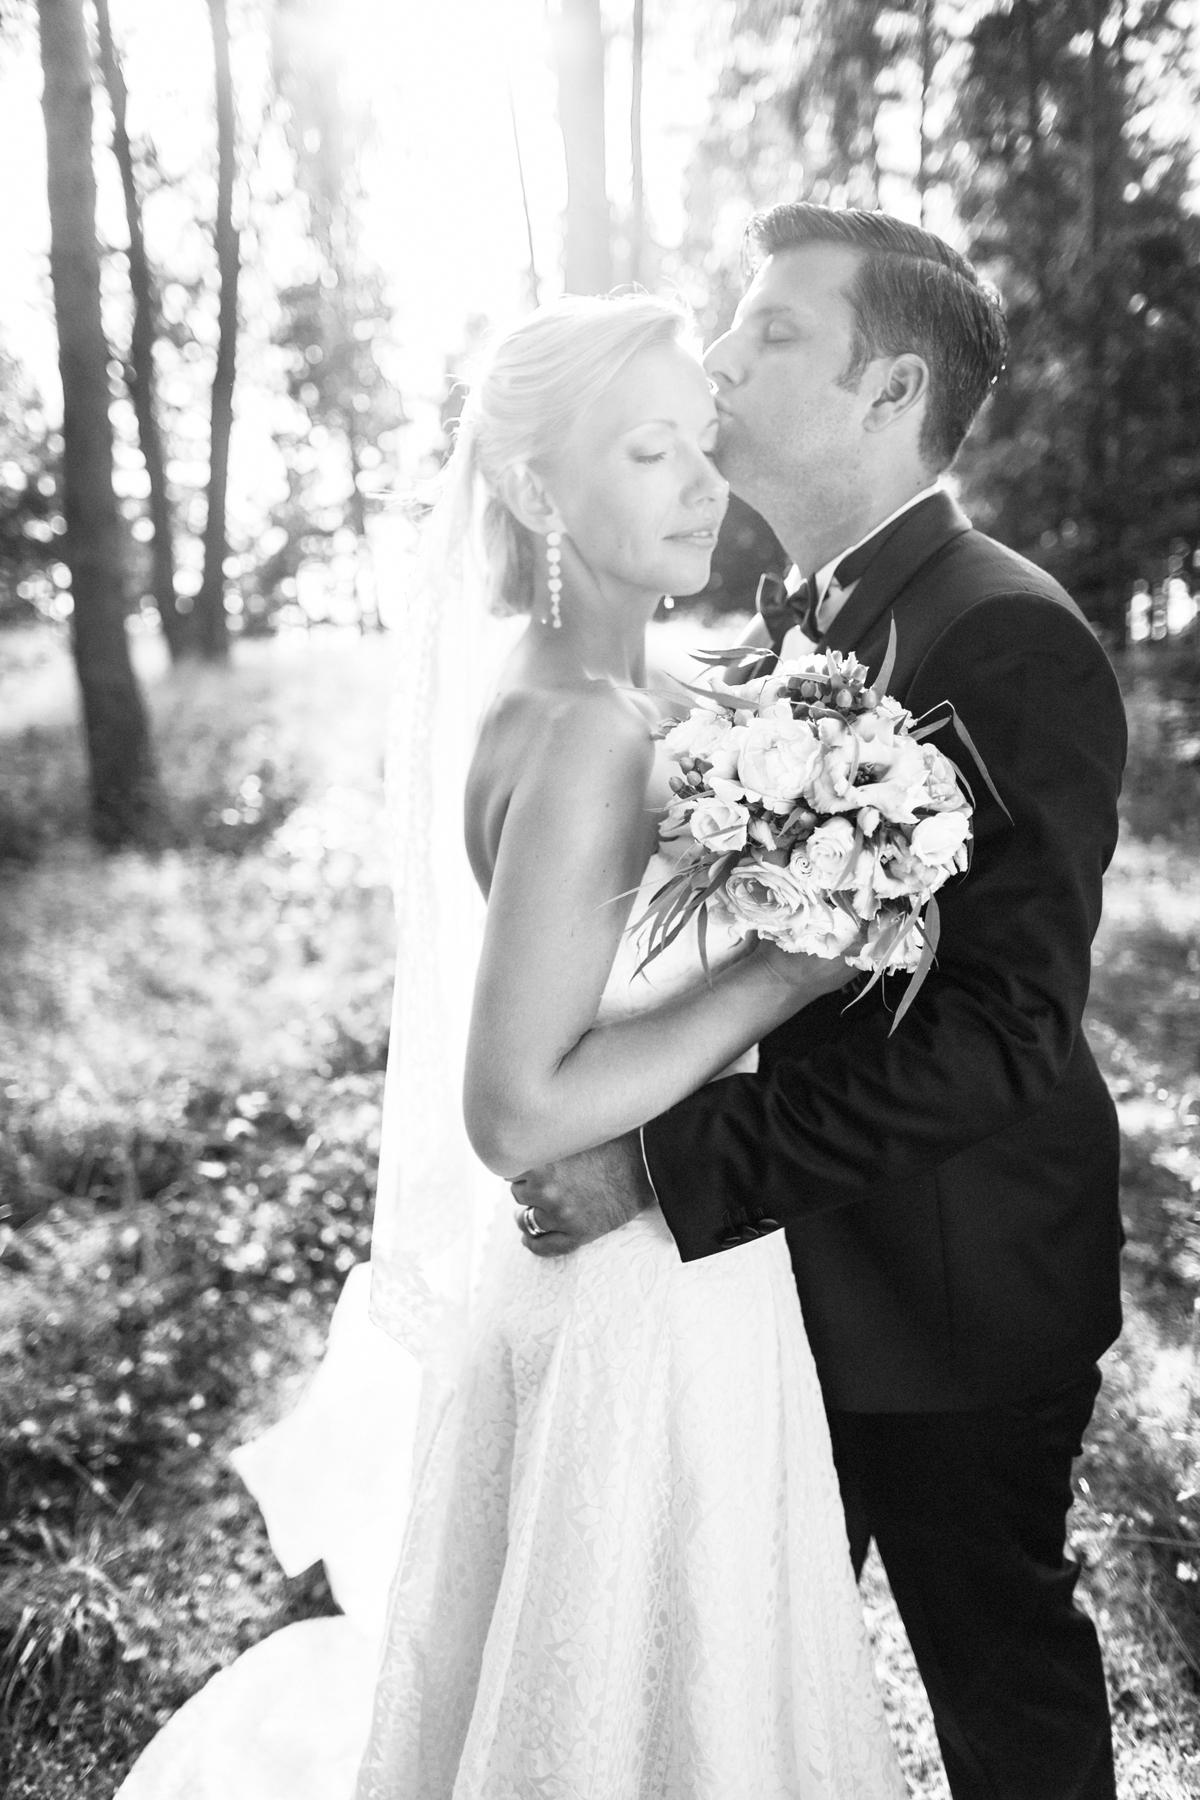 626-Petersone-Liene-wedding-blog